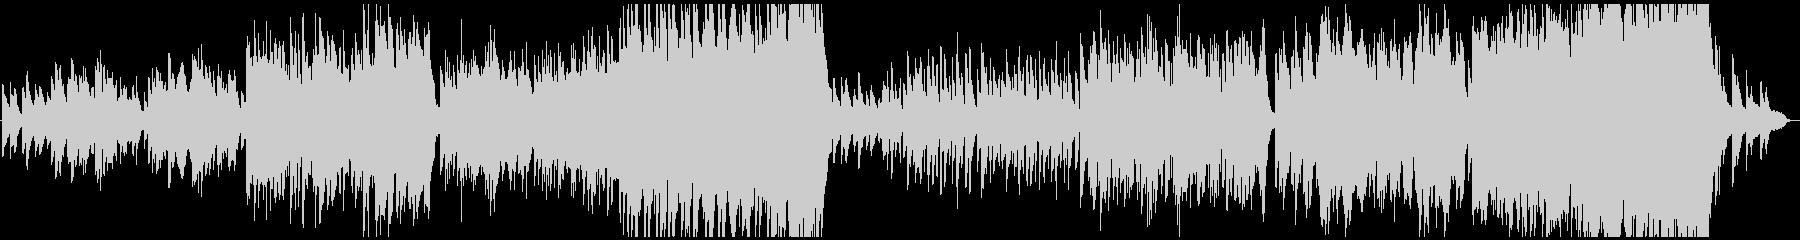 日常が流れる雰囲気のBGM・オーケストラの未再生の波形